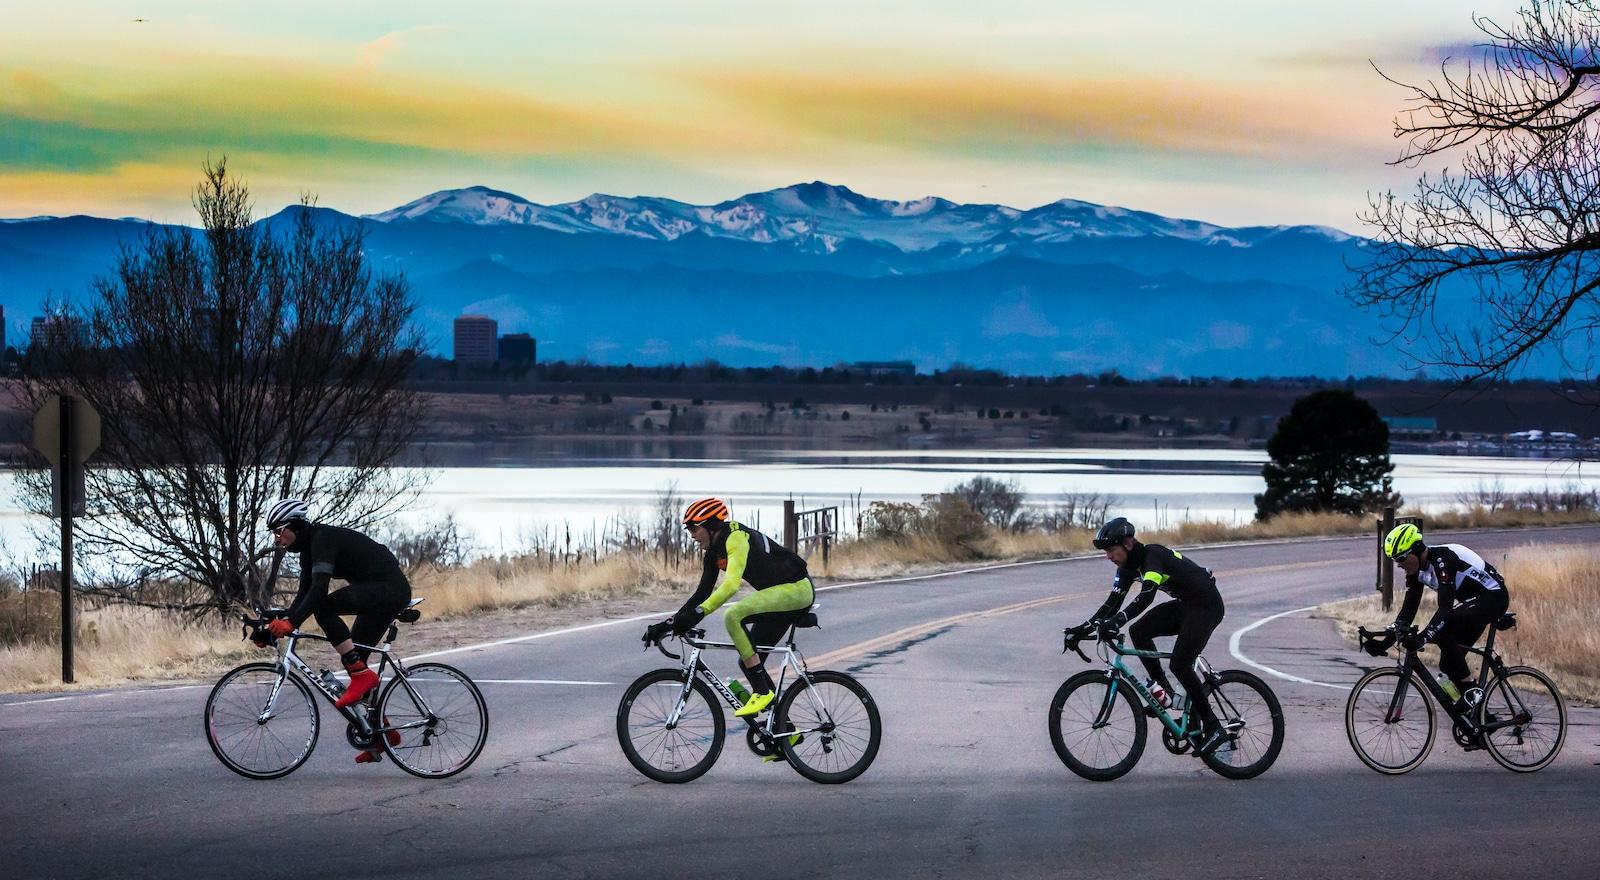 Cherry Creek Biking Trail near Denver CO